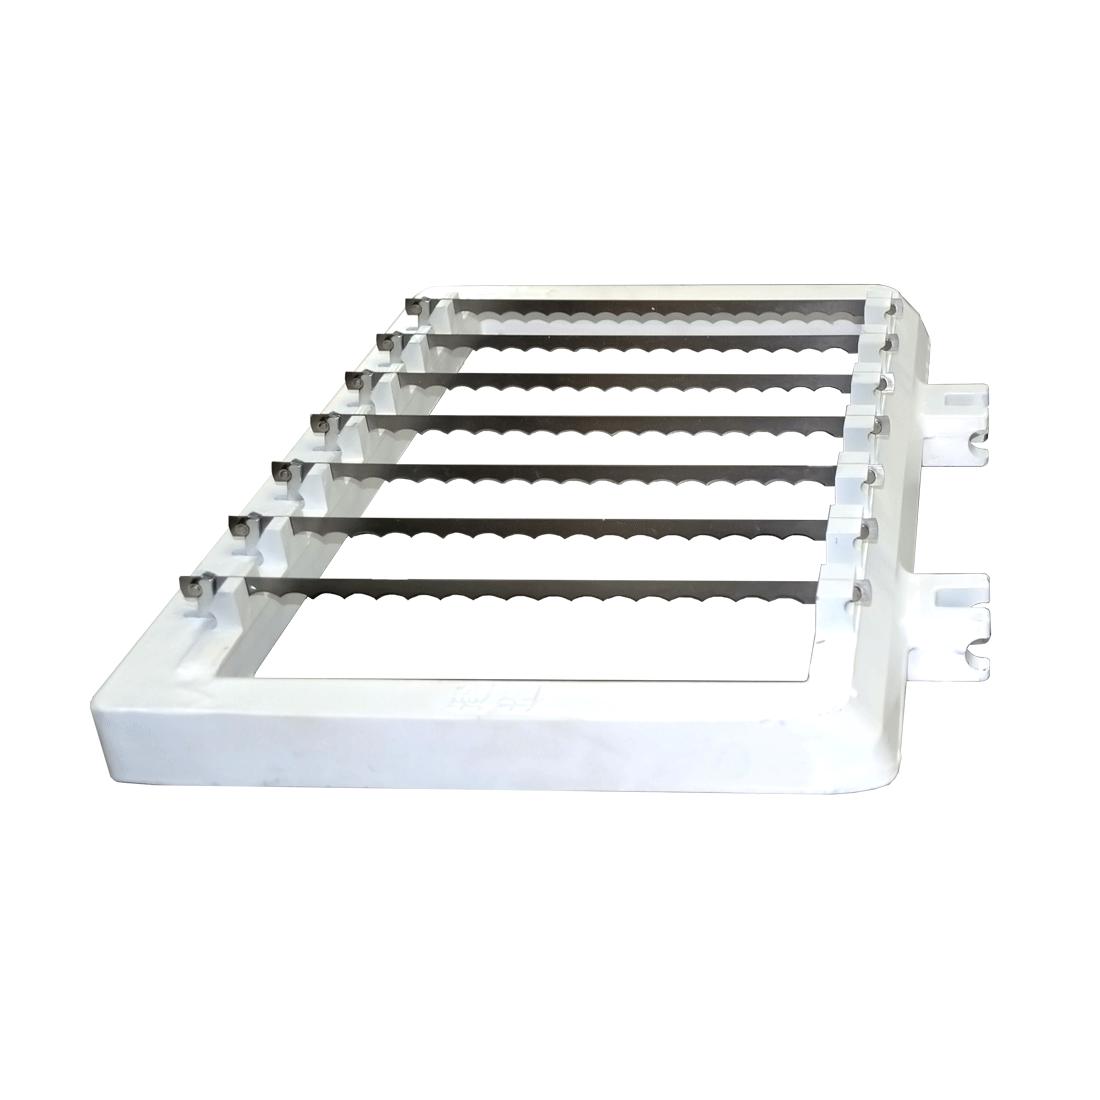 Cutter for bread slicer - JSL-31M-25